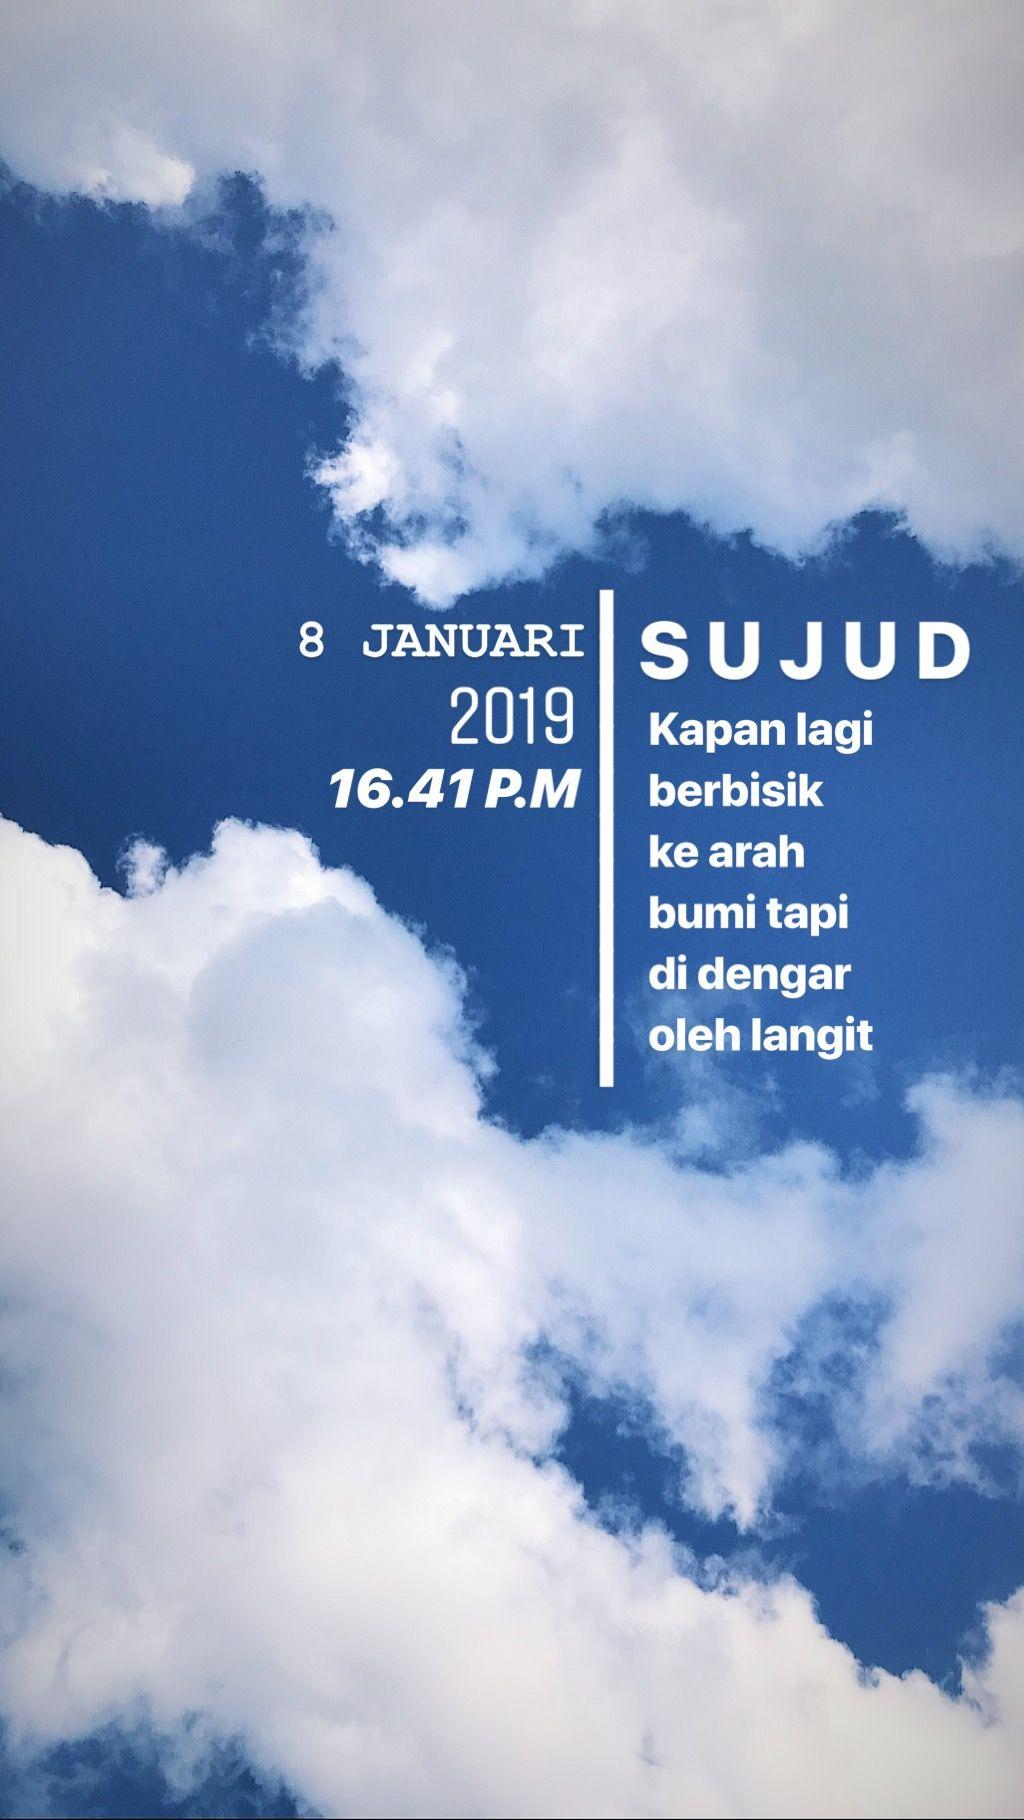 Typography Story Sujud Doa Blue Sky Cloud Awan Langit Biru Instagram Kata Kata Indah Kata Kata Kutipan Motivasi